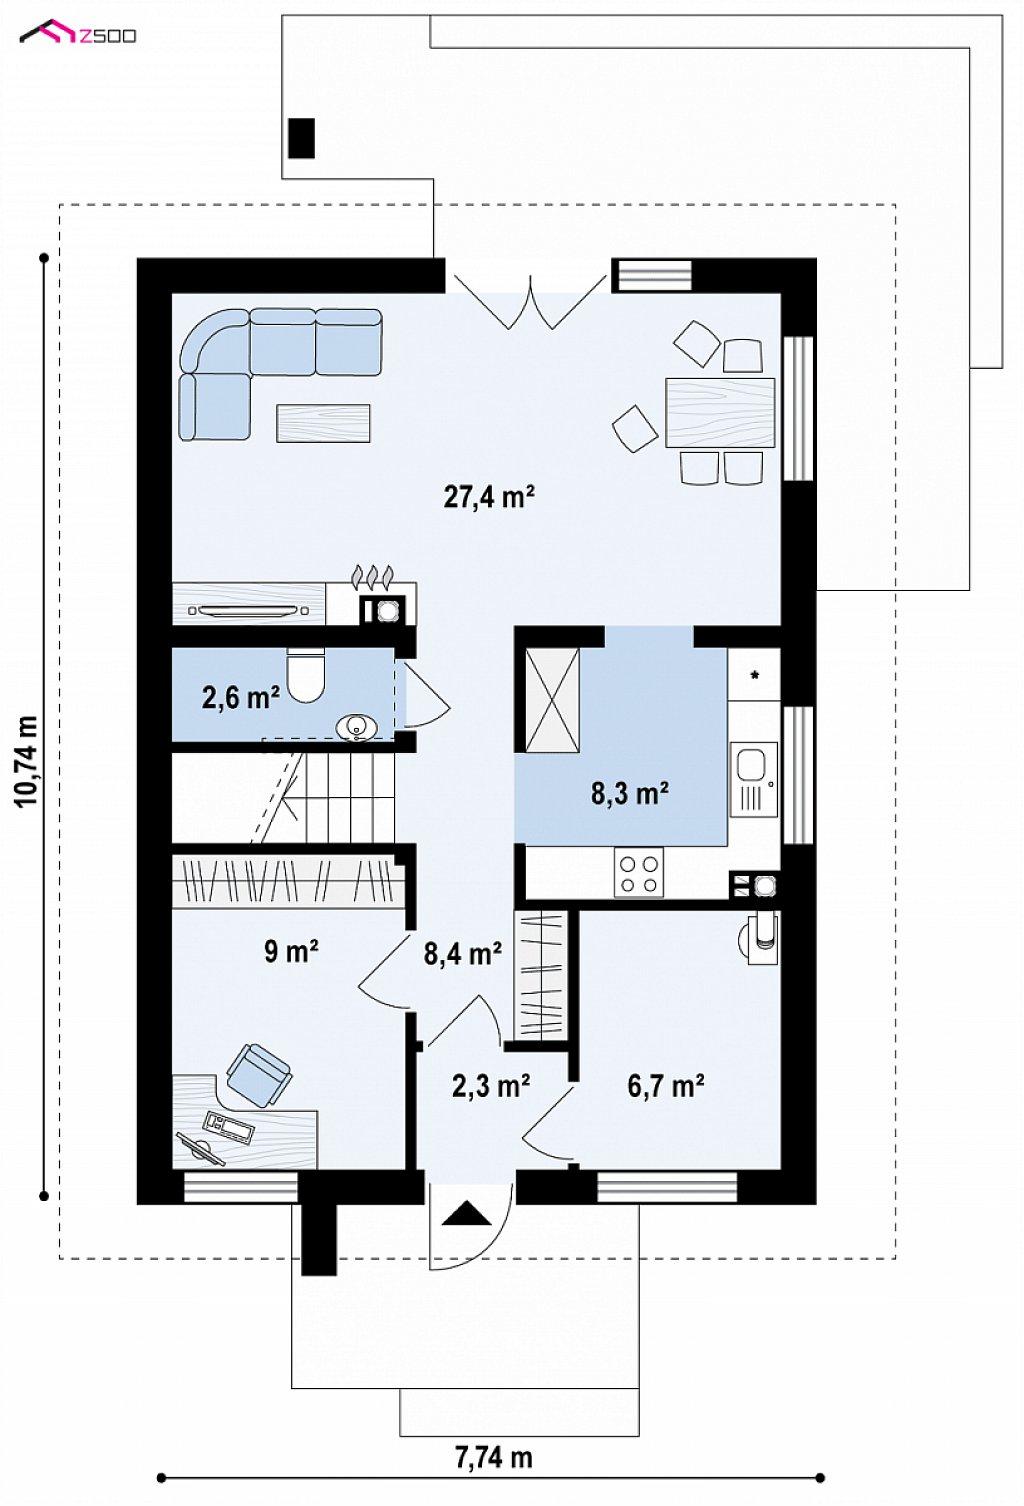 Проект мансардного дома с 4 спальнями и кабинетом. план помещений 1